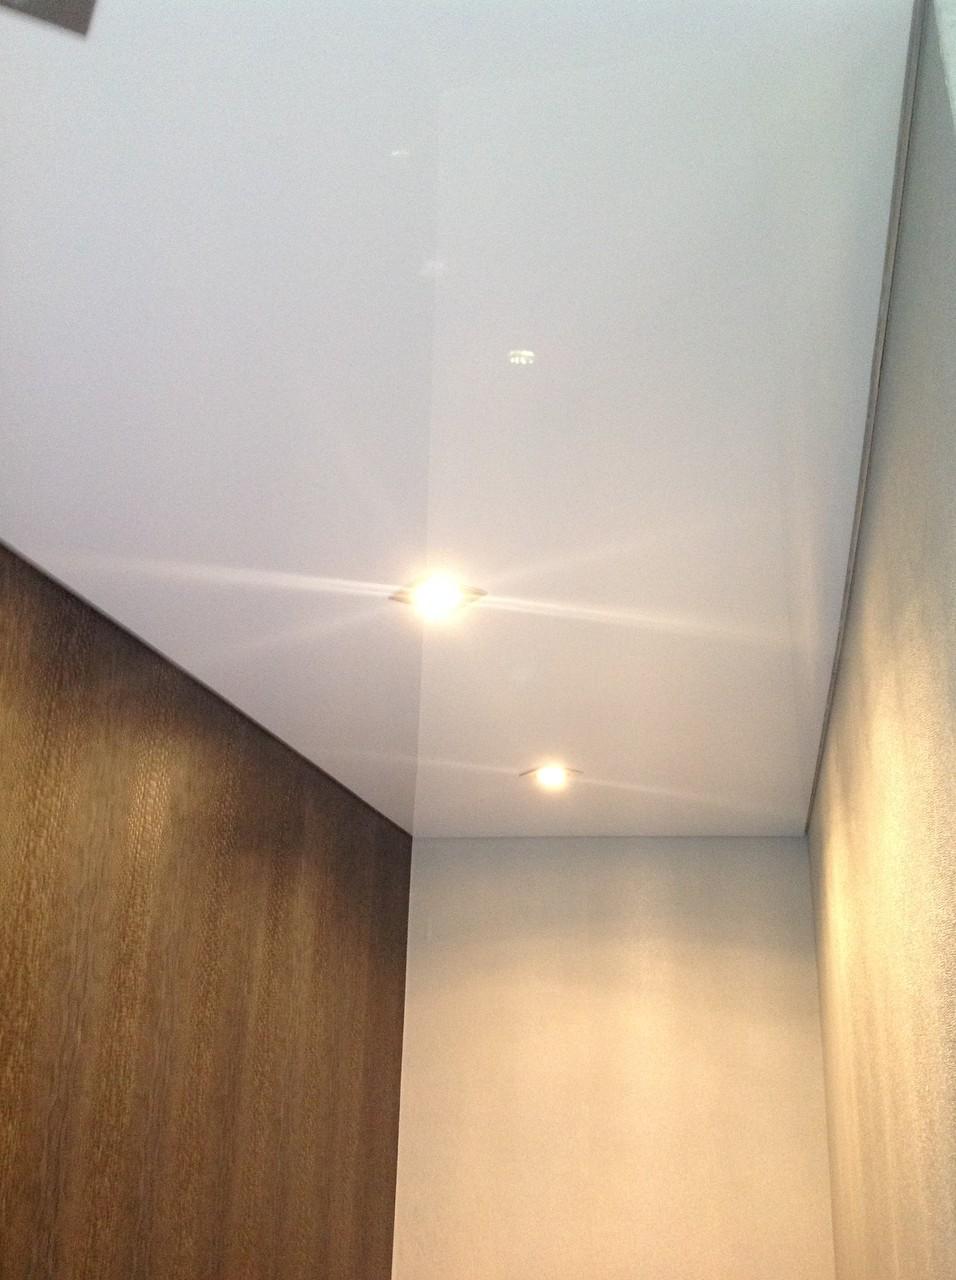 Spanndecke weiß glänzend EFH Kamen